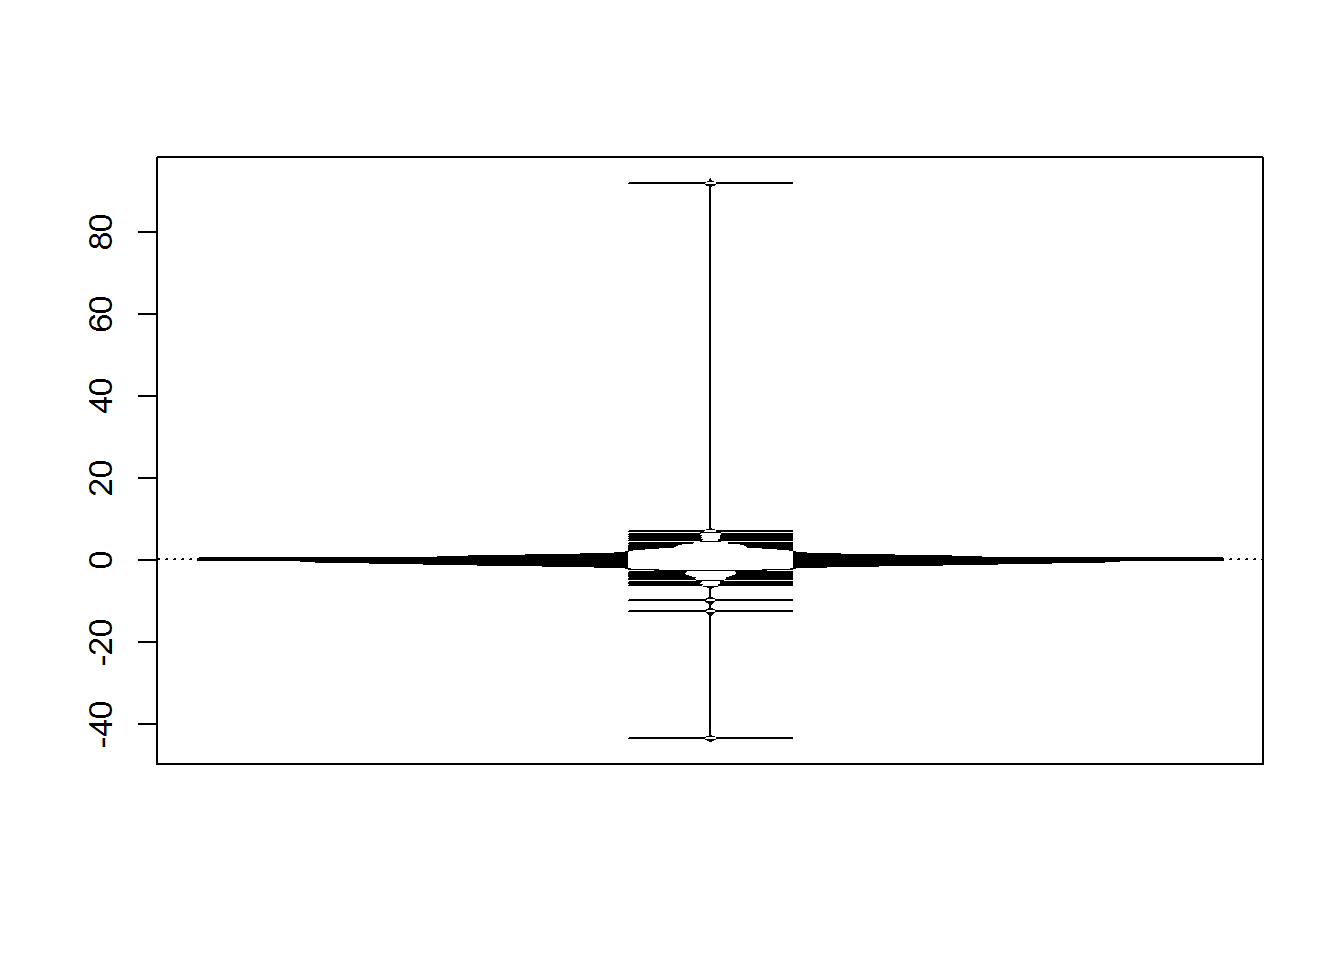 6dafcff5-03c7-4624-b1fe-86156b110dfa